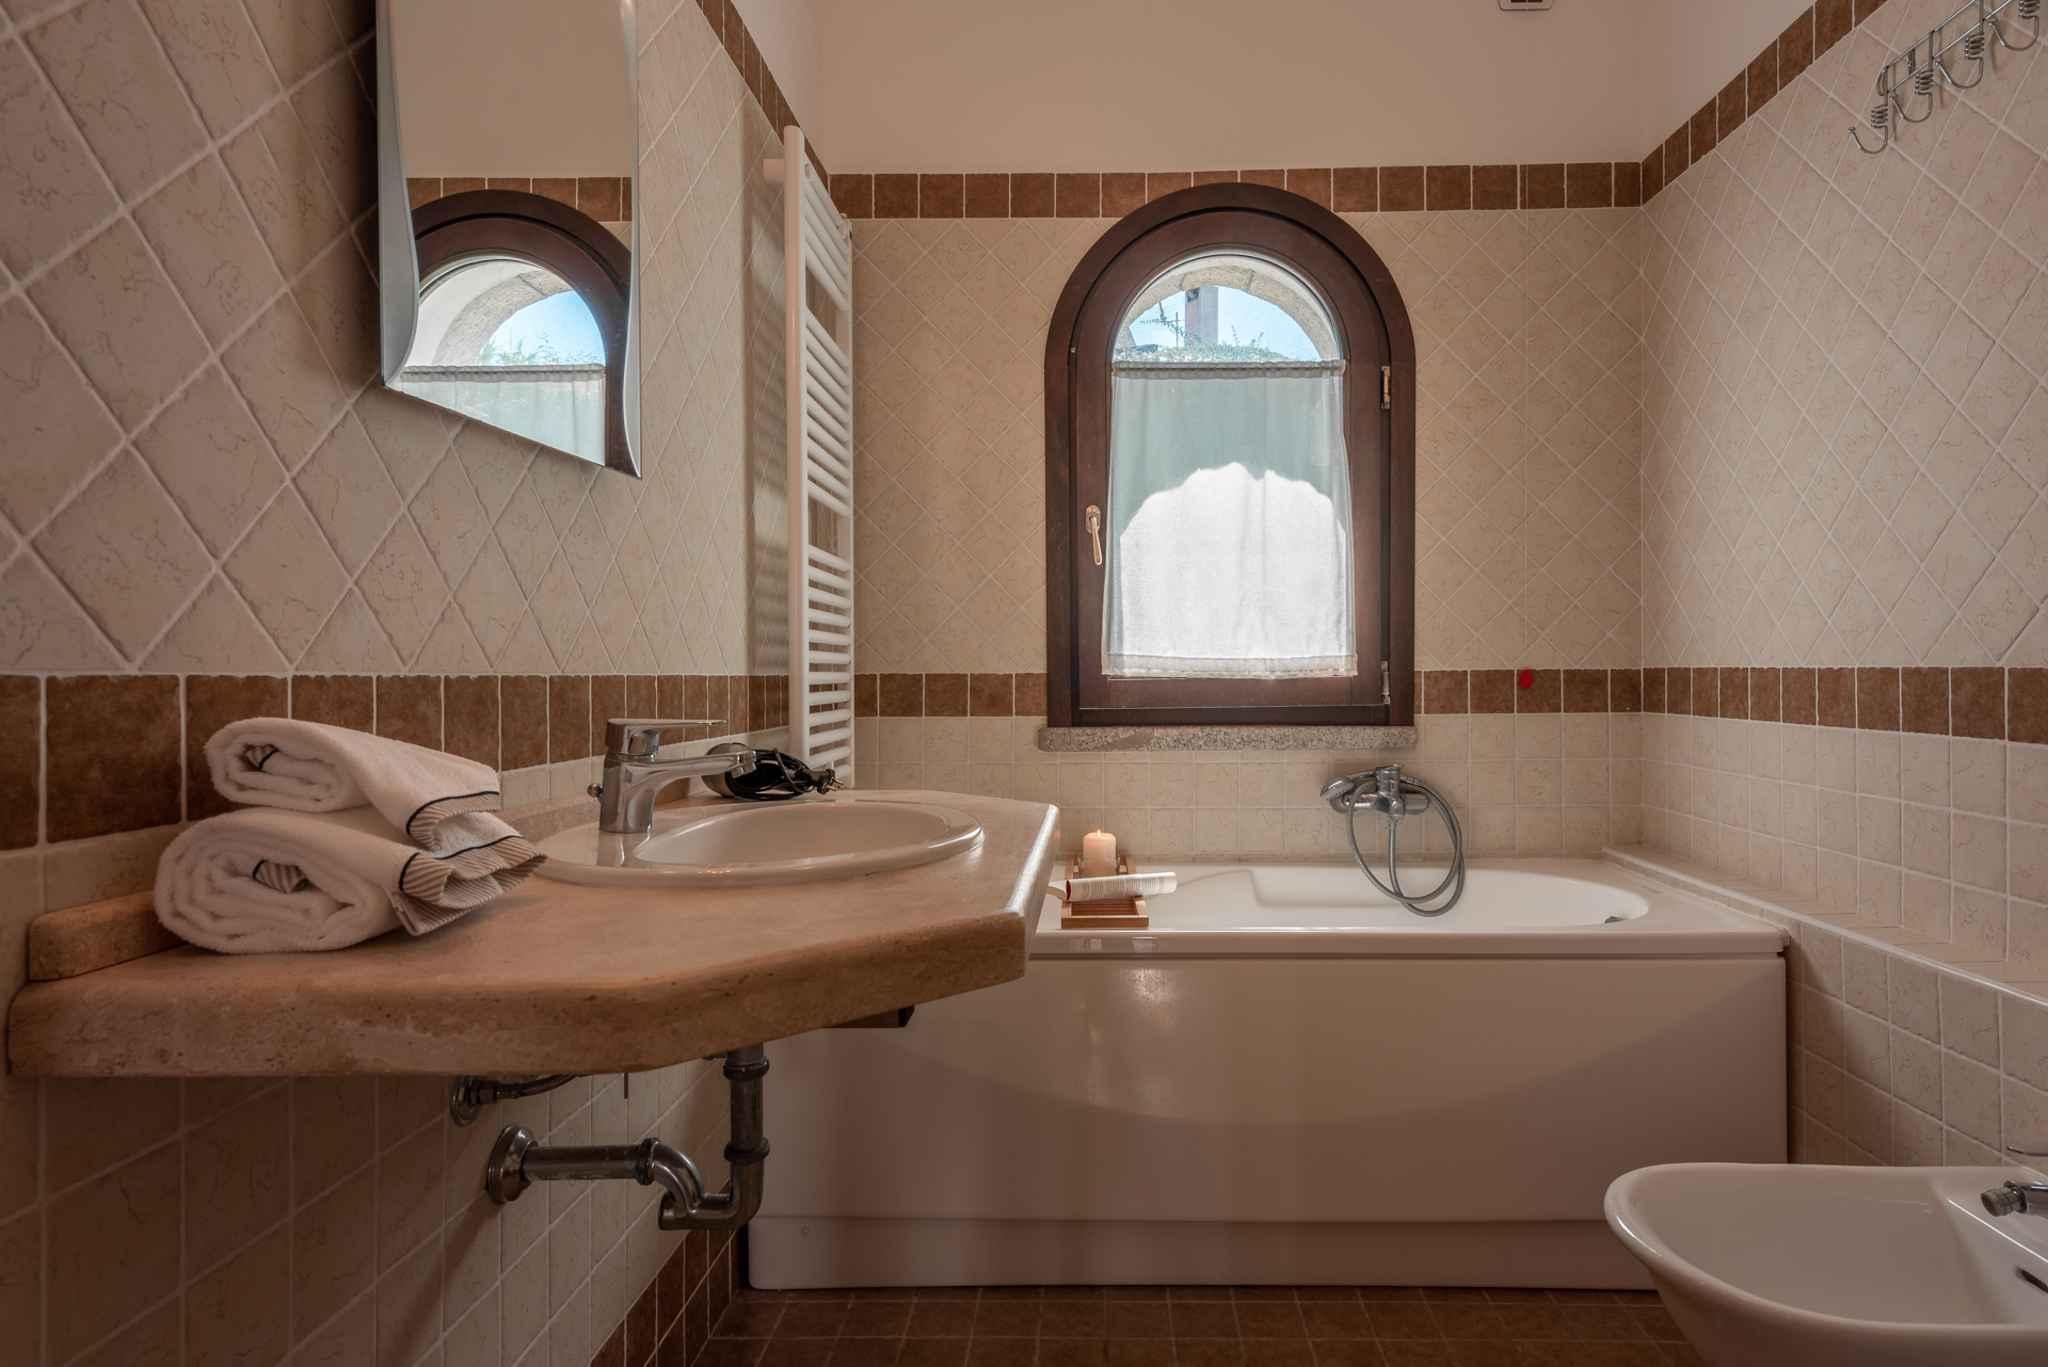 Ferienhaus mit KLimaanlage (2182426), Alghero, Sassari, Sardinien, Italien, Bild 25